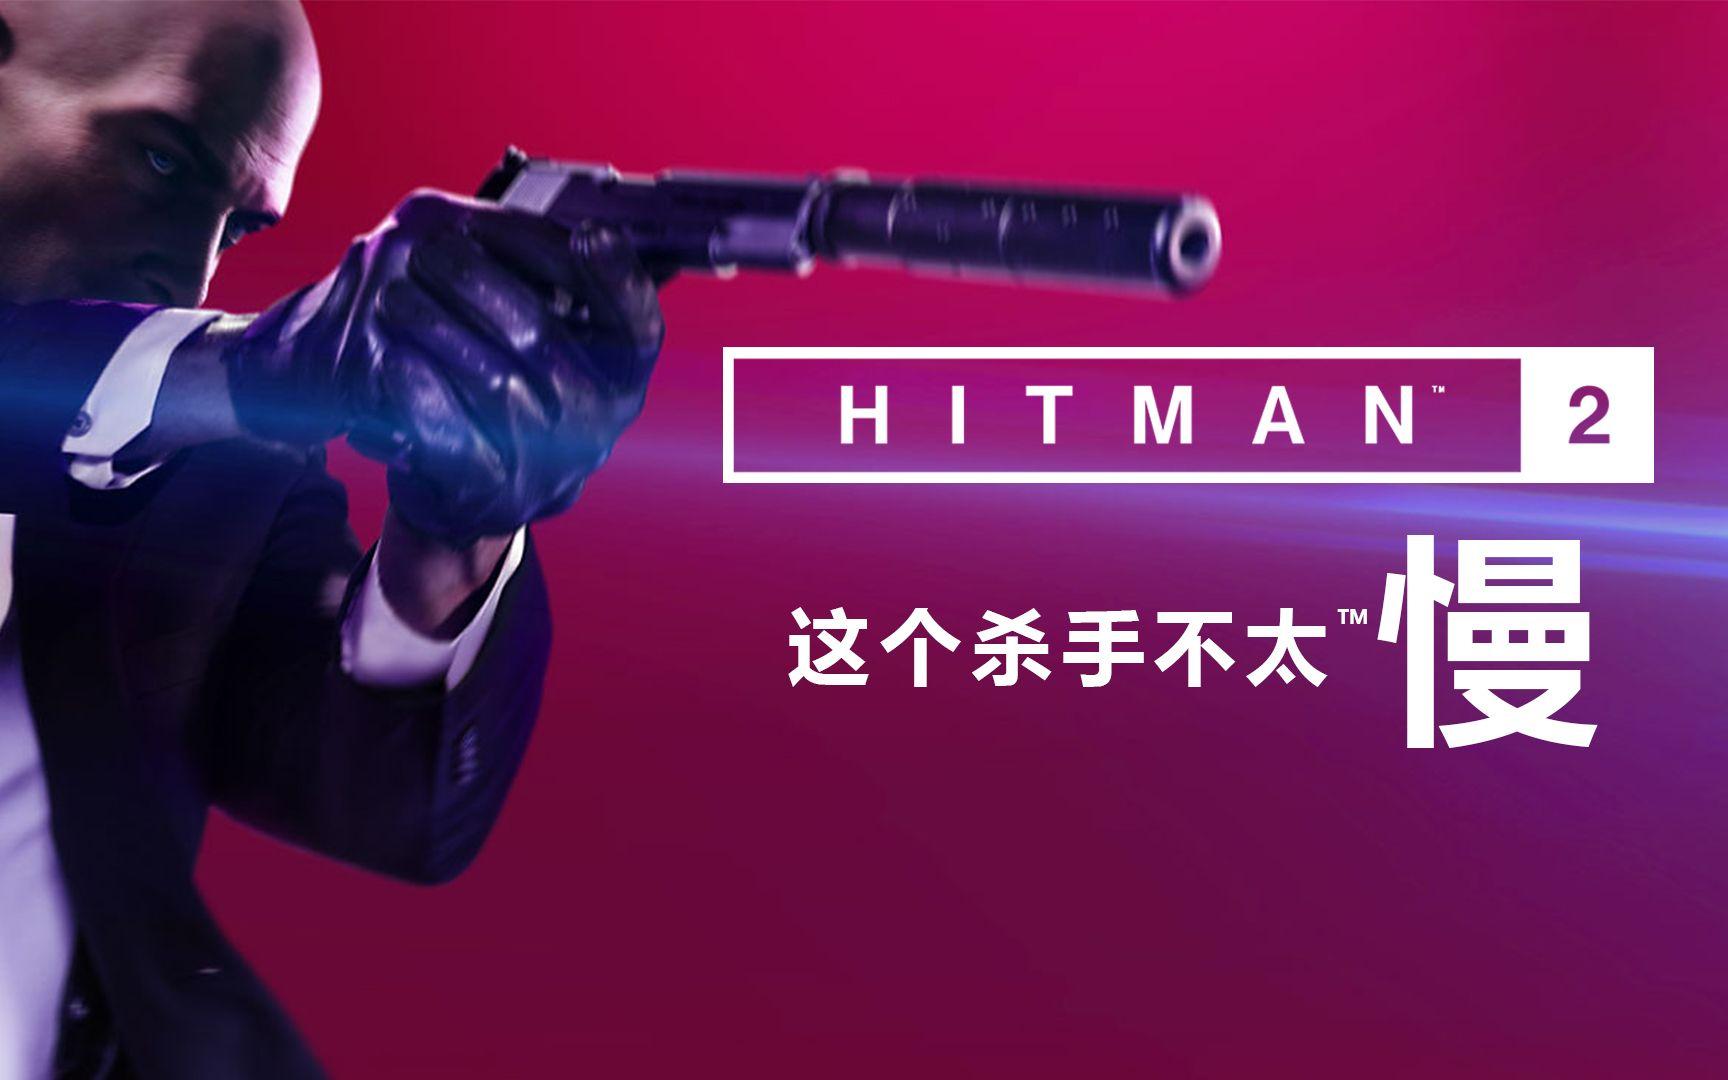 HITMANTM2 全关卡速通 无解说